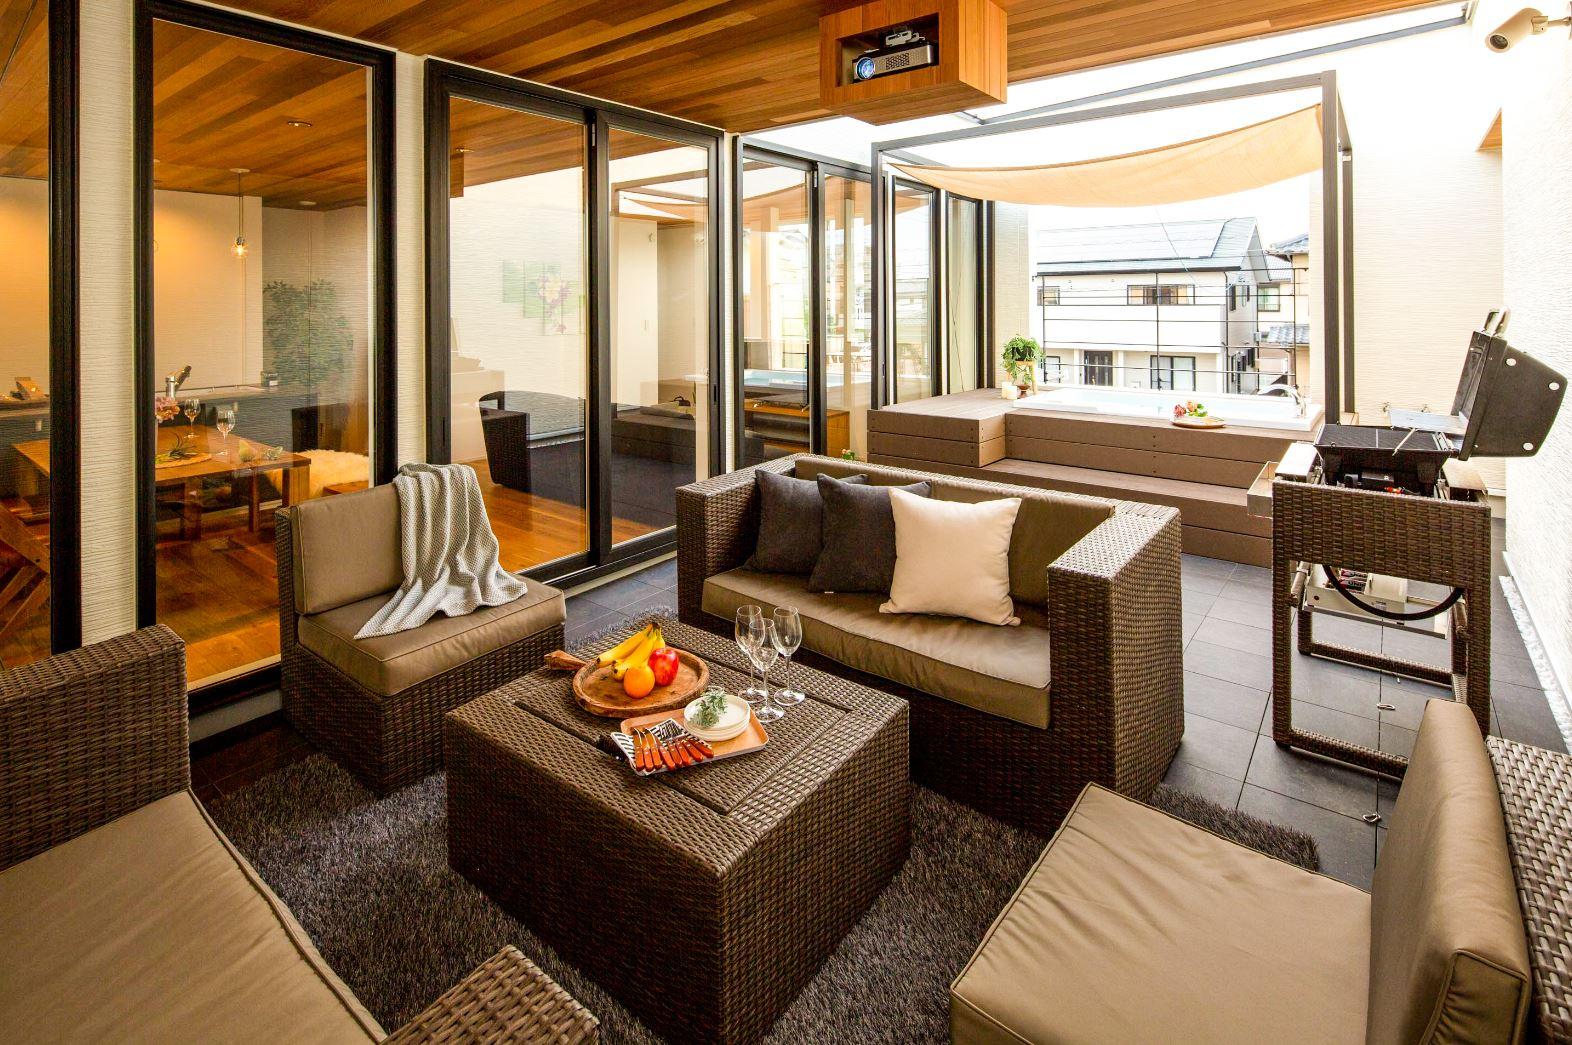 スタイルカーサ【浜松市中区飯田町・モデルハウス】屋外家具付きアウトドアリビング。家族だけでのんびりくつろいだり、仲間を呼んでワイワイ騒いだり、楽しみ方は自由自在。メッシュ素材のソファは長年風雨に晒されてもメンテナンスフリー。『style casa』なら、大きな邸宅でなくても、床面積33坪の家でこんな贅沢な空間が予算内で実現する